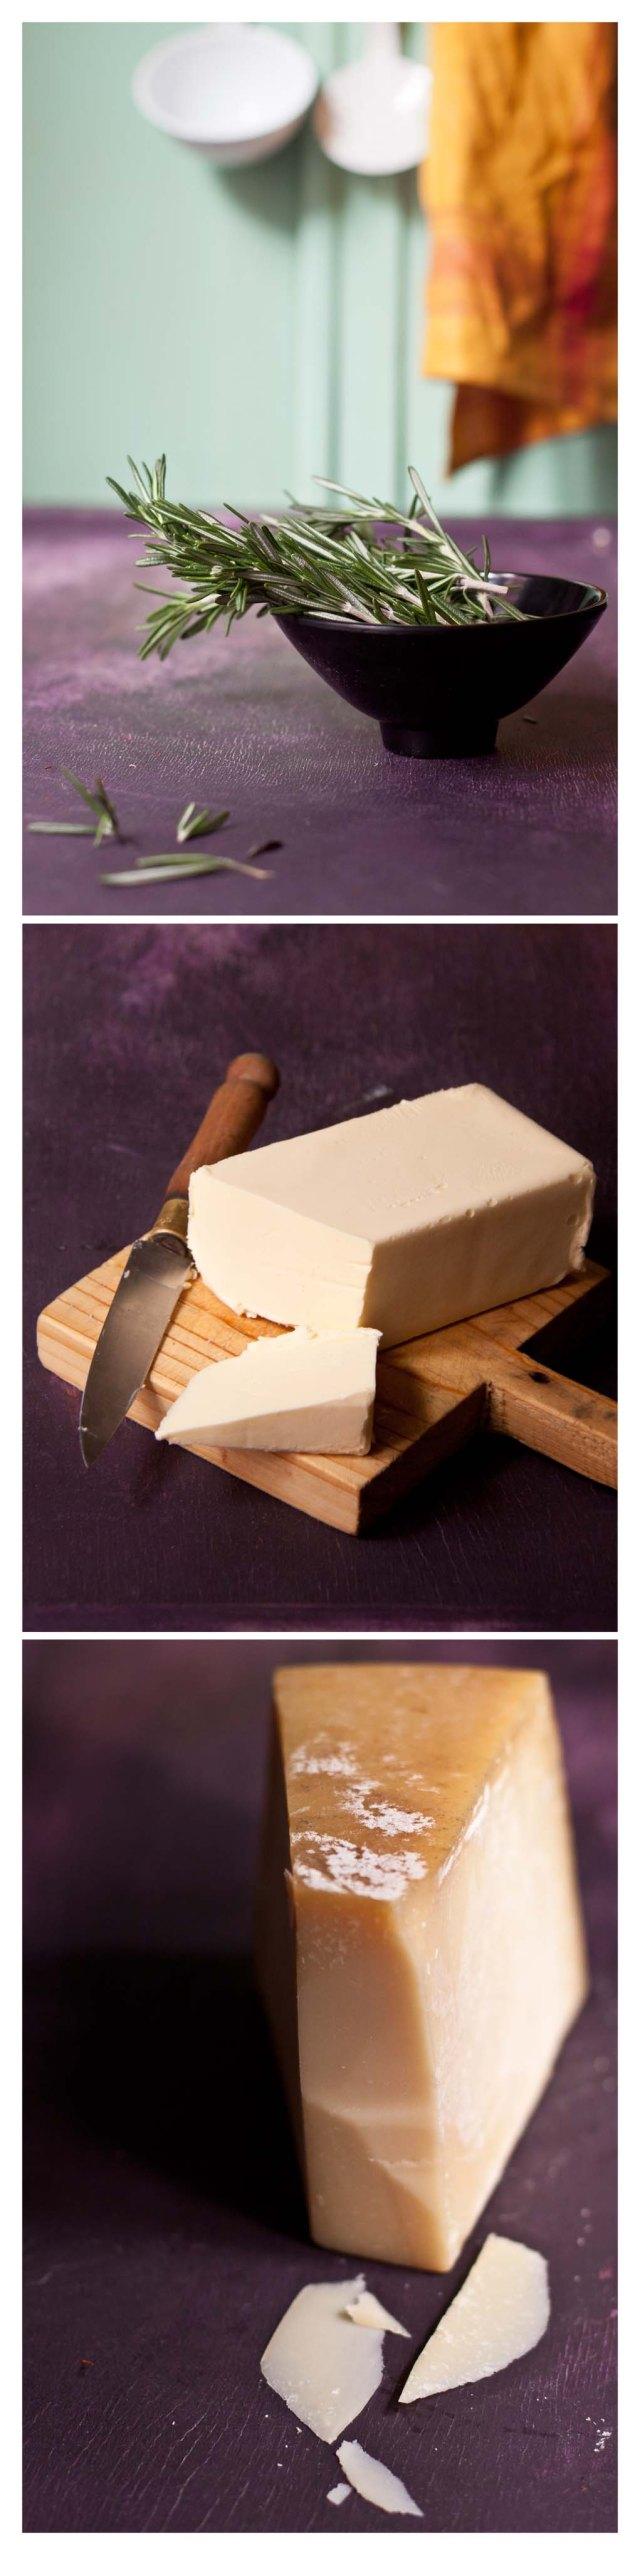 Romero-mantequilla-y-parmesano